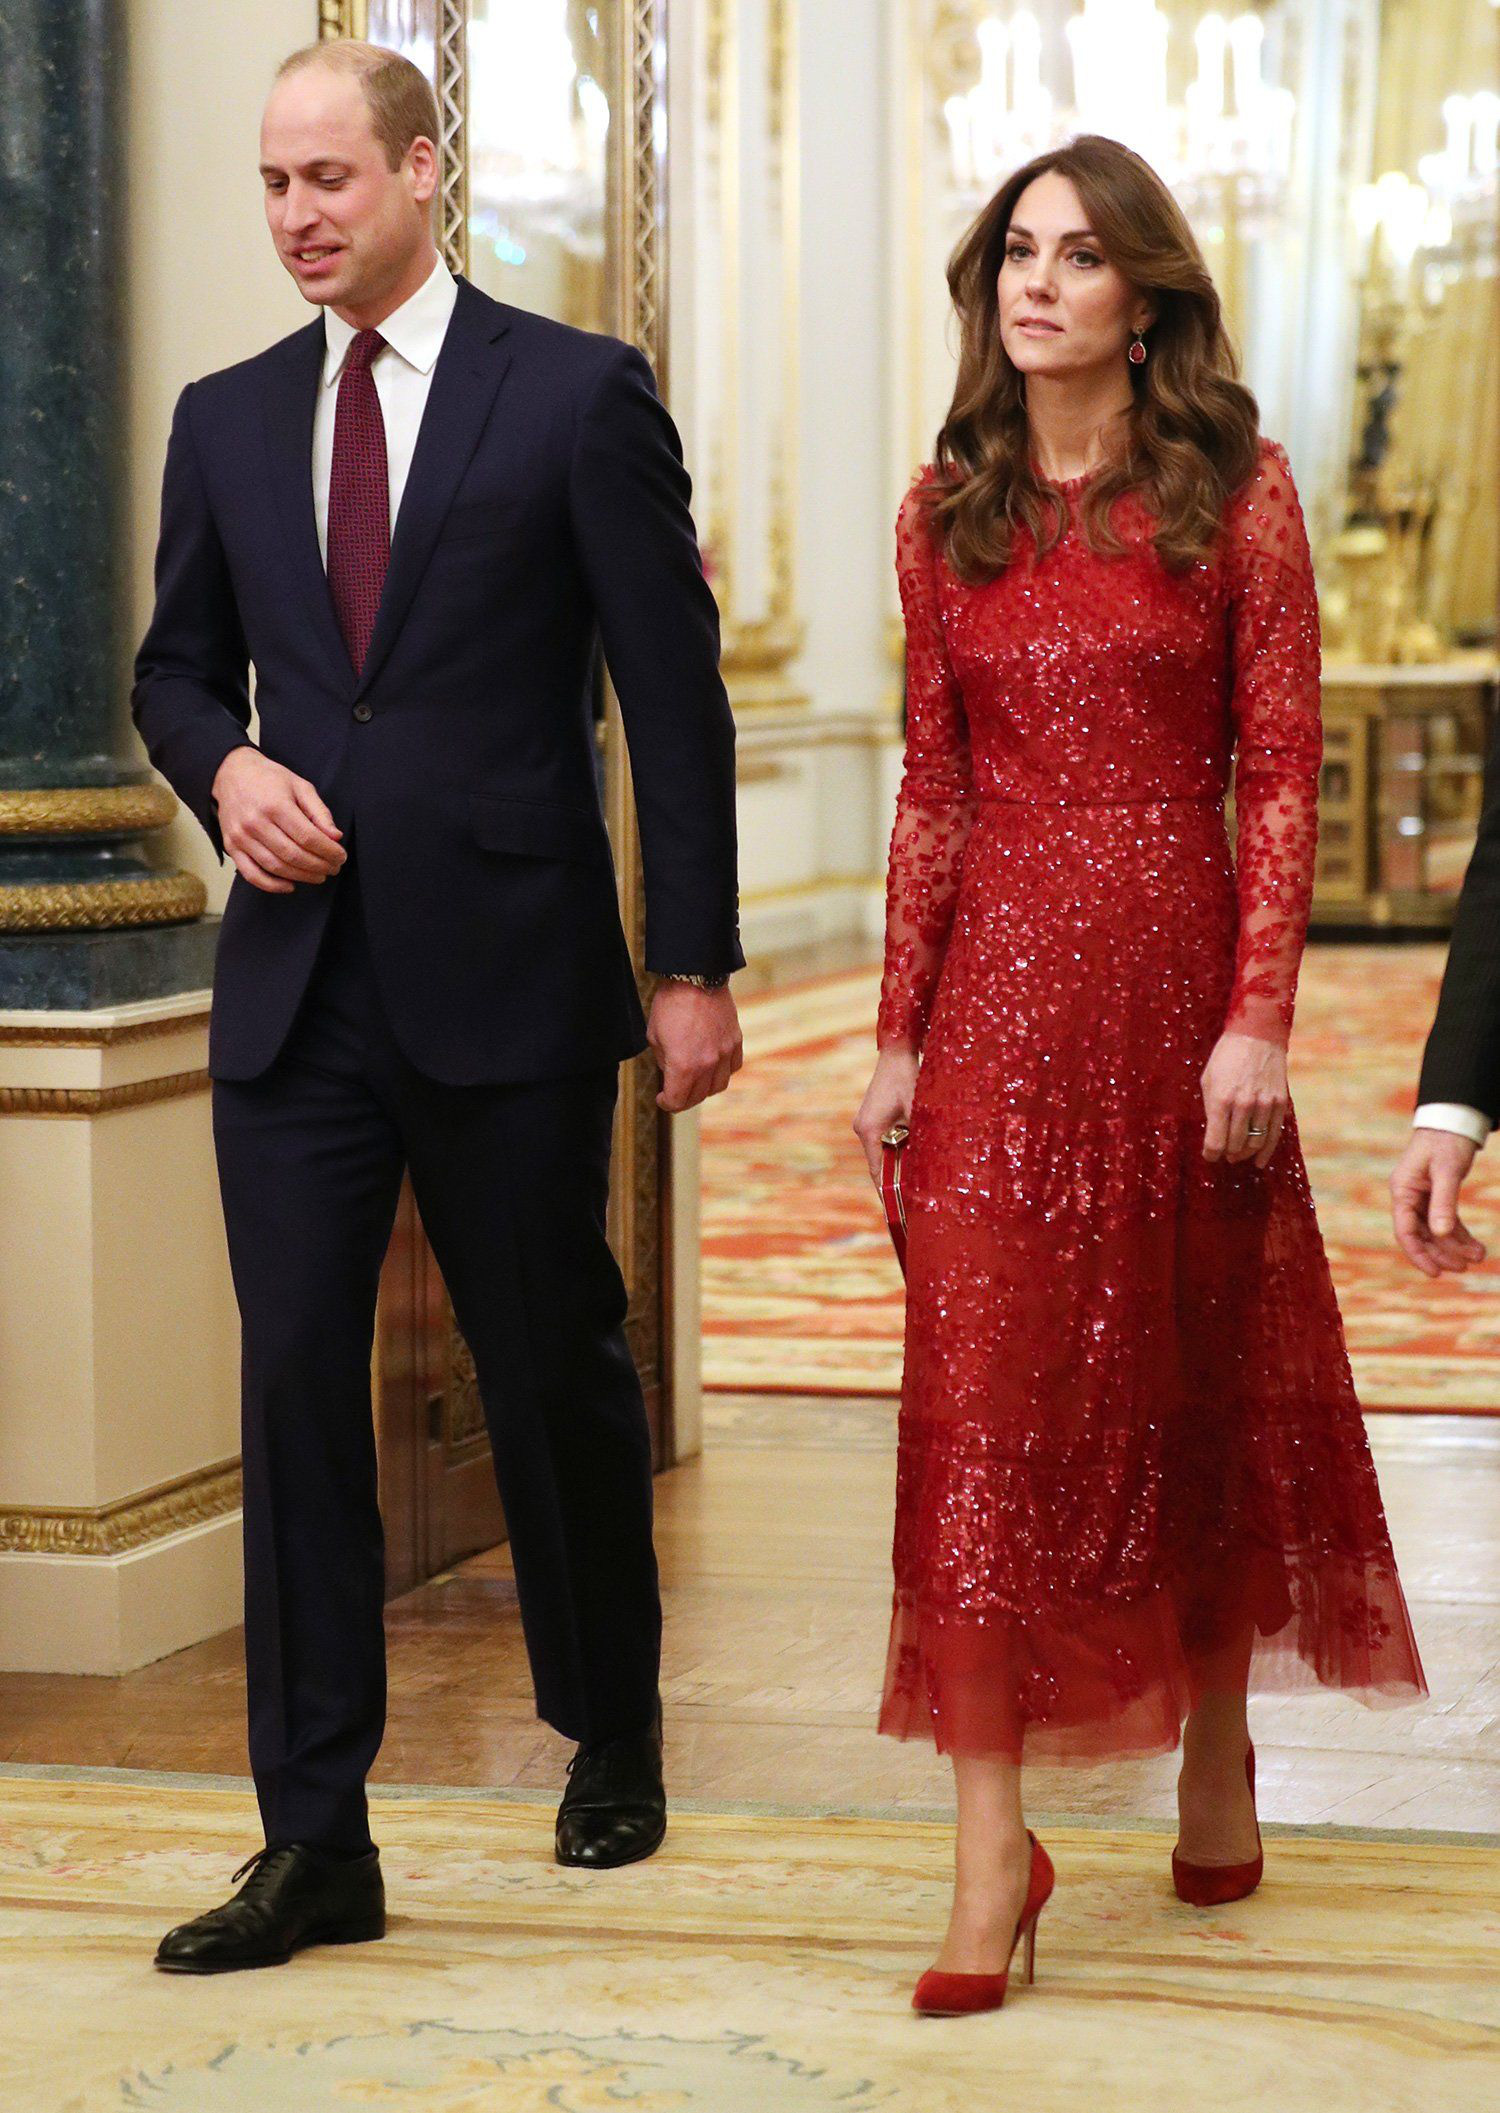 Đến chuyện diện đồ xuyệt tông với chồng mà Kate Middleton cũng tinh tế hết mực, quả không hổ danh là Công nương quốc dân 0